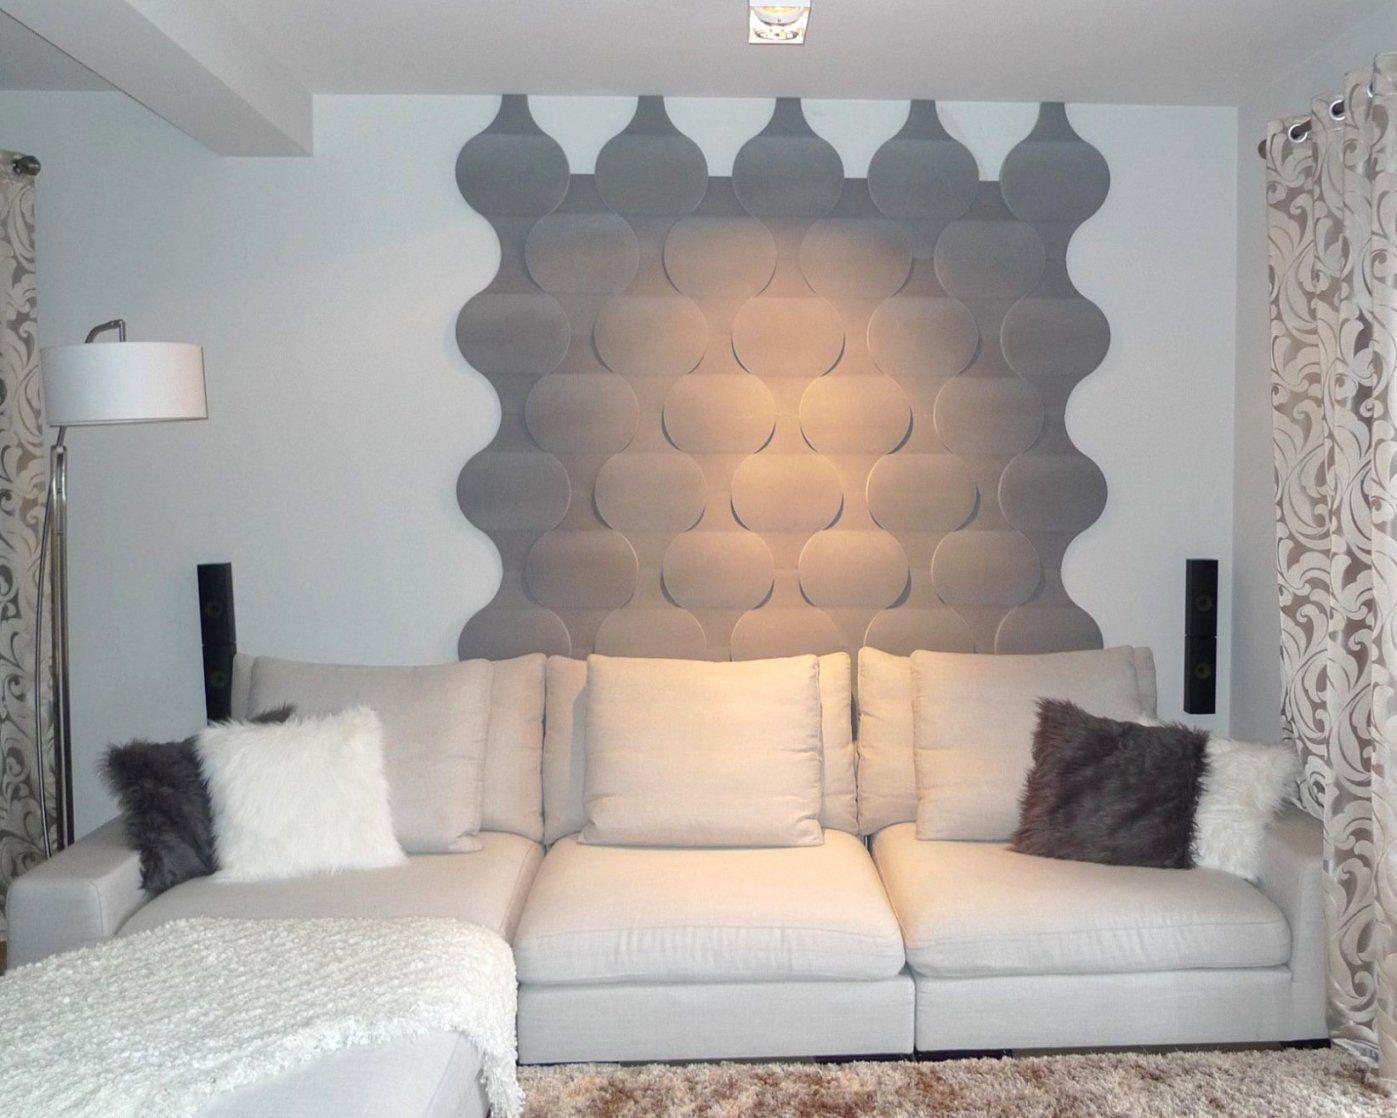 Wand Gestalten Mit Fotos Modell Kreative Wandgestaltung Wohnzimmer von Kreative Wandgestaltung Mit Fotos Bild